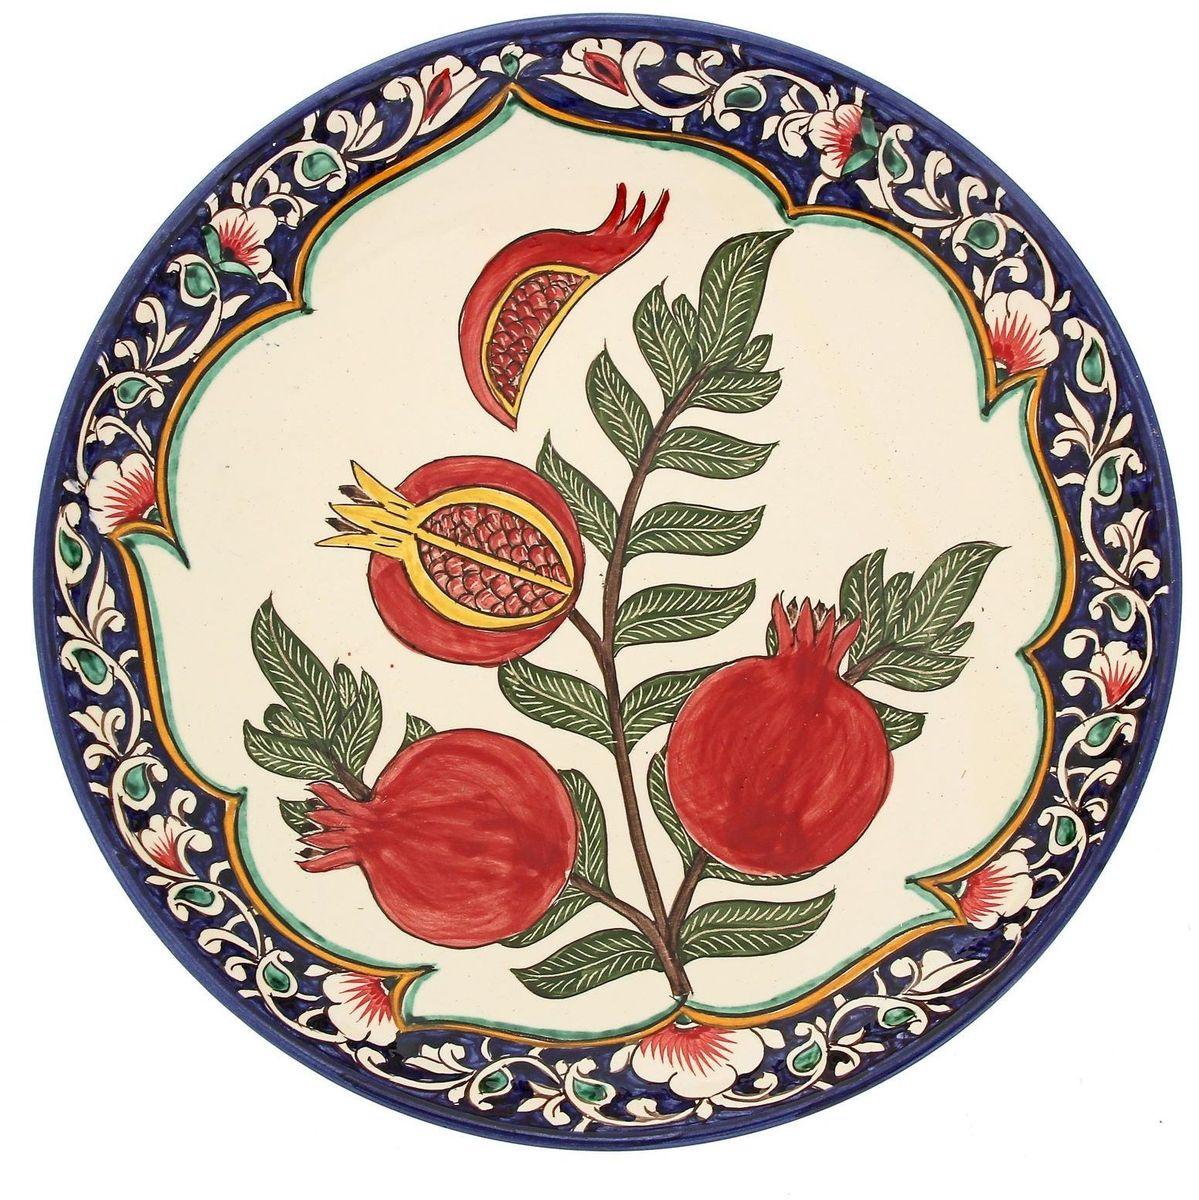 """Ляган Риштанская керамика """"Гранаты"""" — это не просто обеденный атрибут, это украшение стола. Посуда с национальной росписью станет отменным подарком для ценителей высокородной посуды.Риштан — город на востоке Узбекистана, один из древнейших в Ферганской долине. С давних времён Риштан славится своим гончарным искусством изготовления цветной керамики. Красноватую глину для изделия добывают в самом городе. Мастера утверждают, что их глина настолько высокого качества, что даже не нуждается в предварительной обработке. Дополните коллекцию кухонных аксессуаров пряными восточными нотами."""